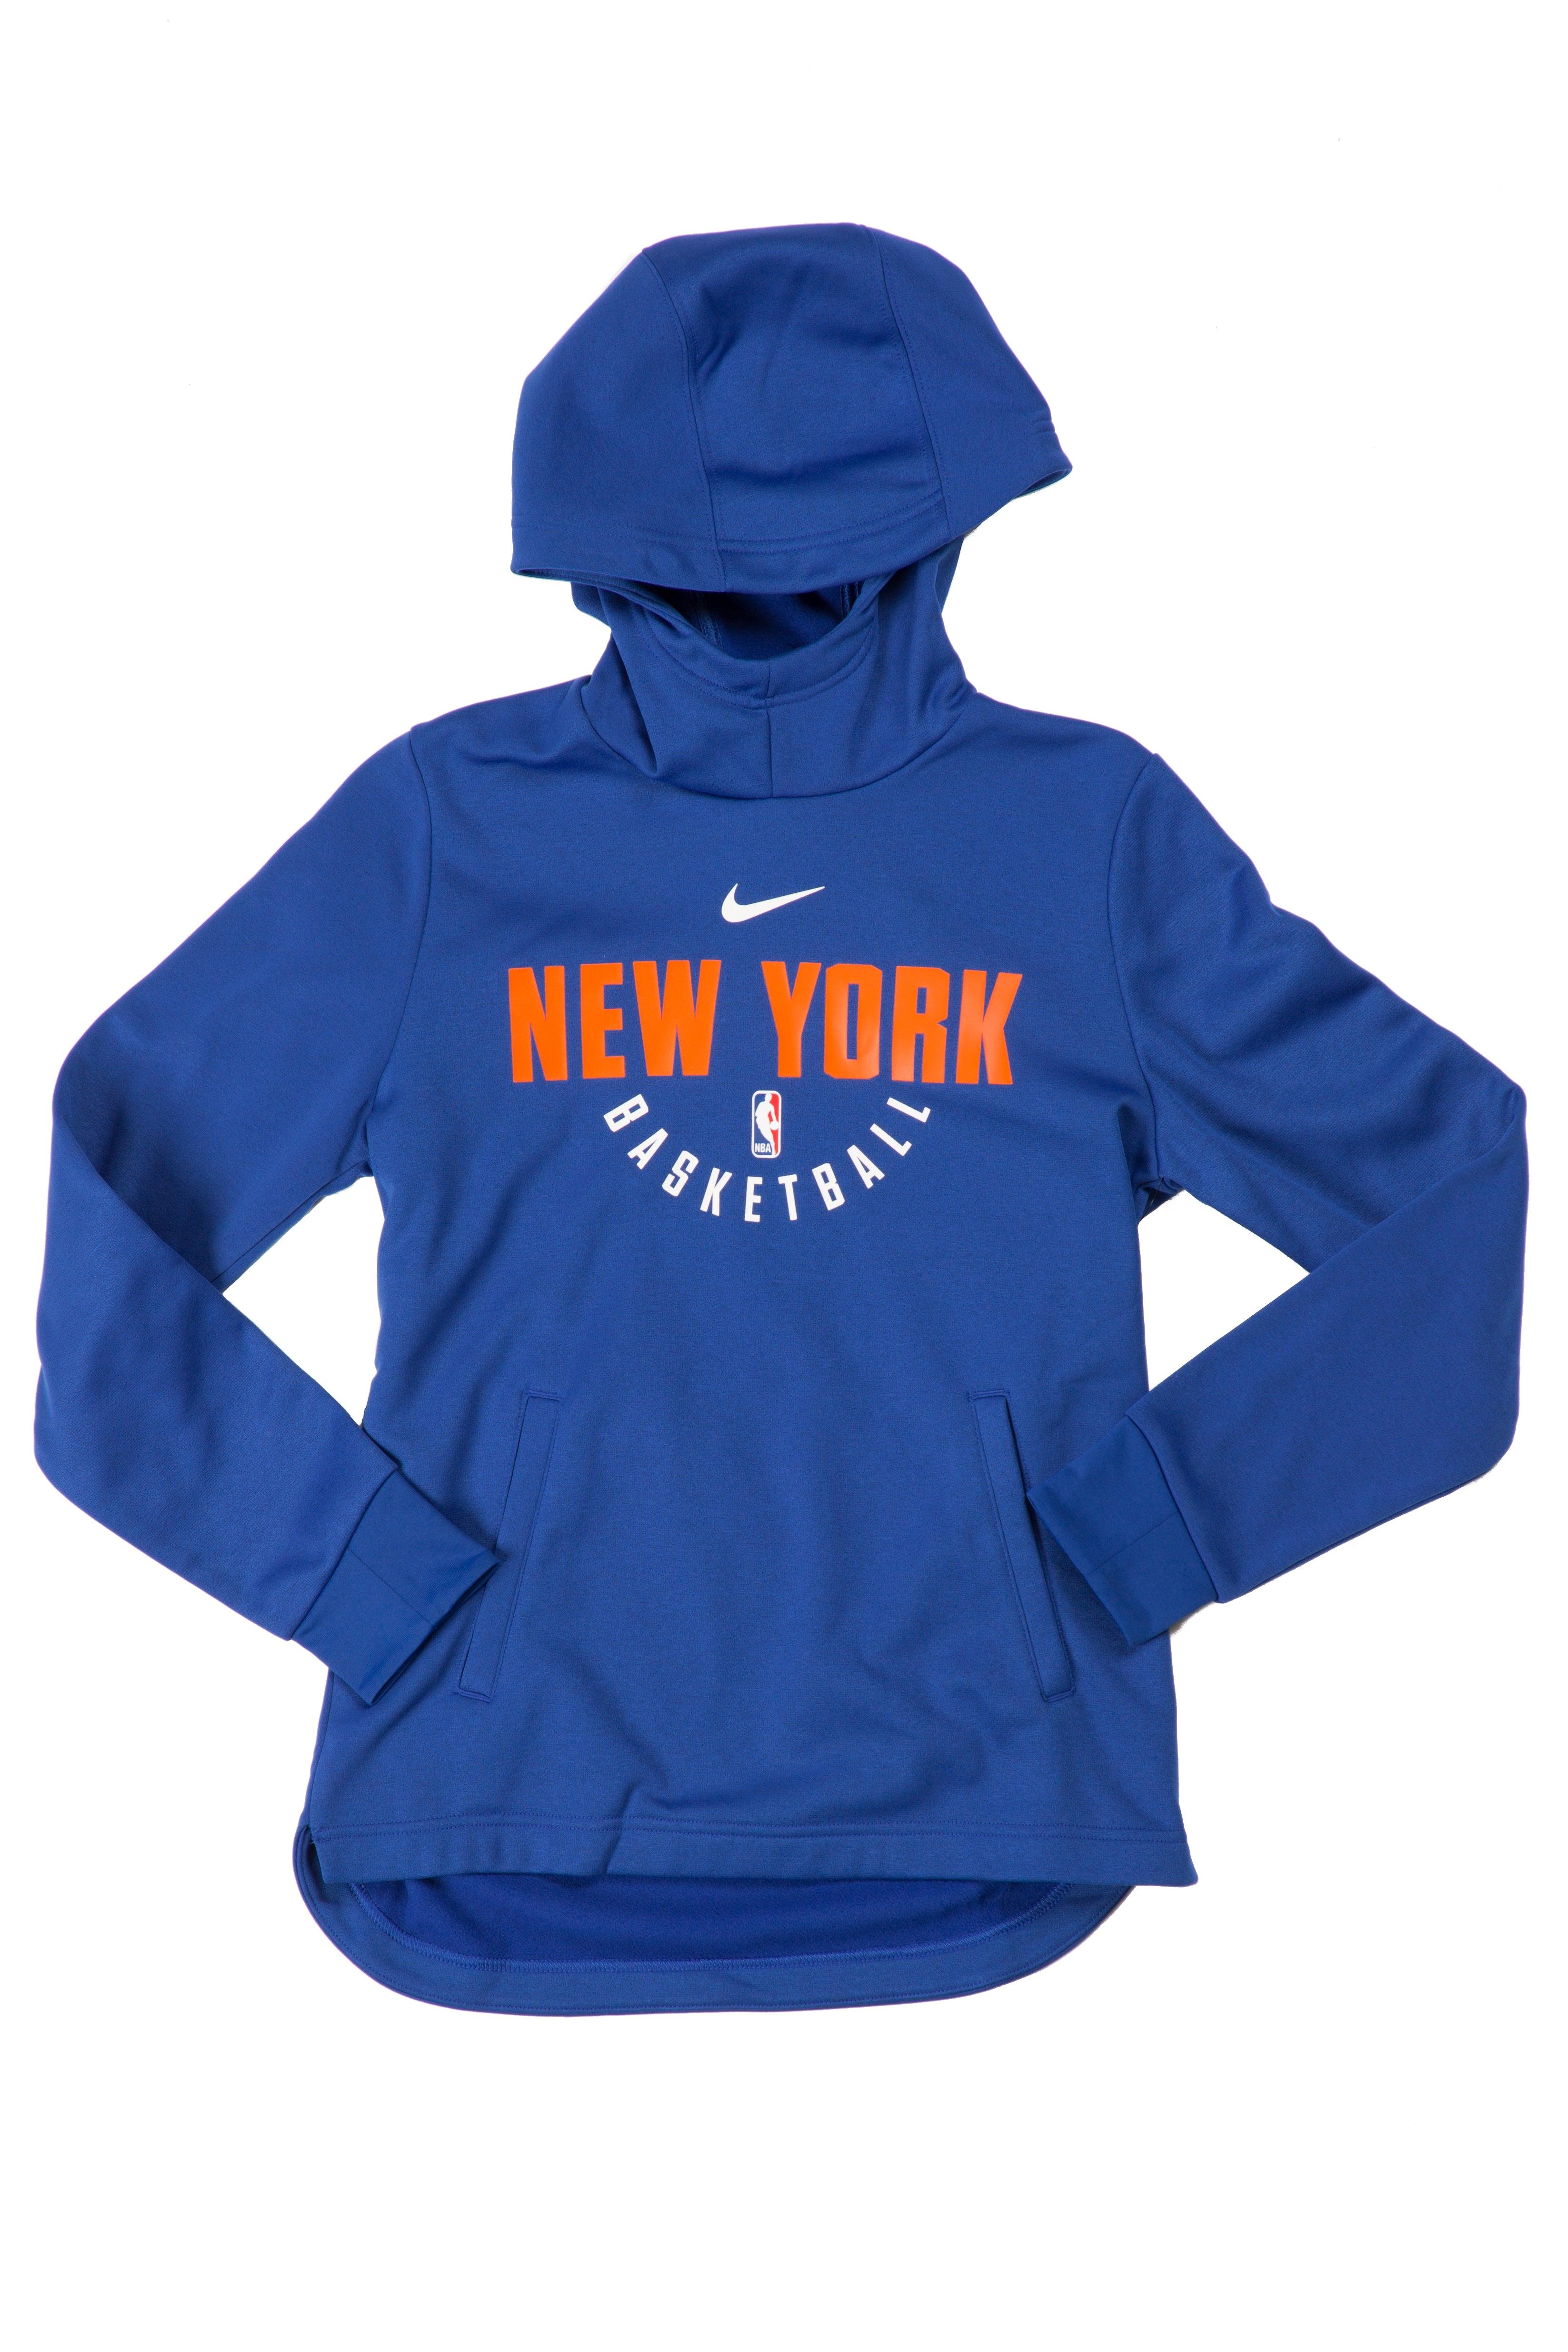 Nike Kid/'s NBA New York Knicks Elite Practice Hoodie New Blue 8 Years